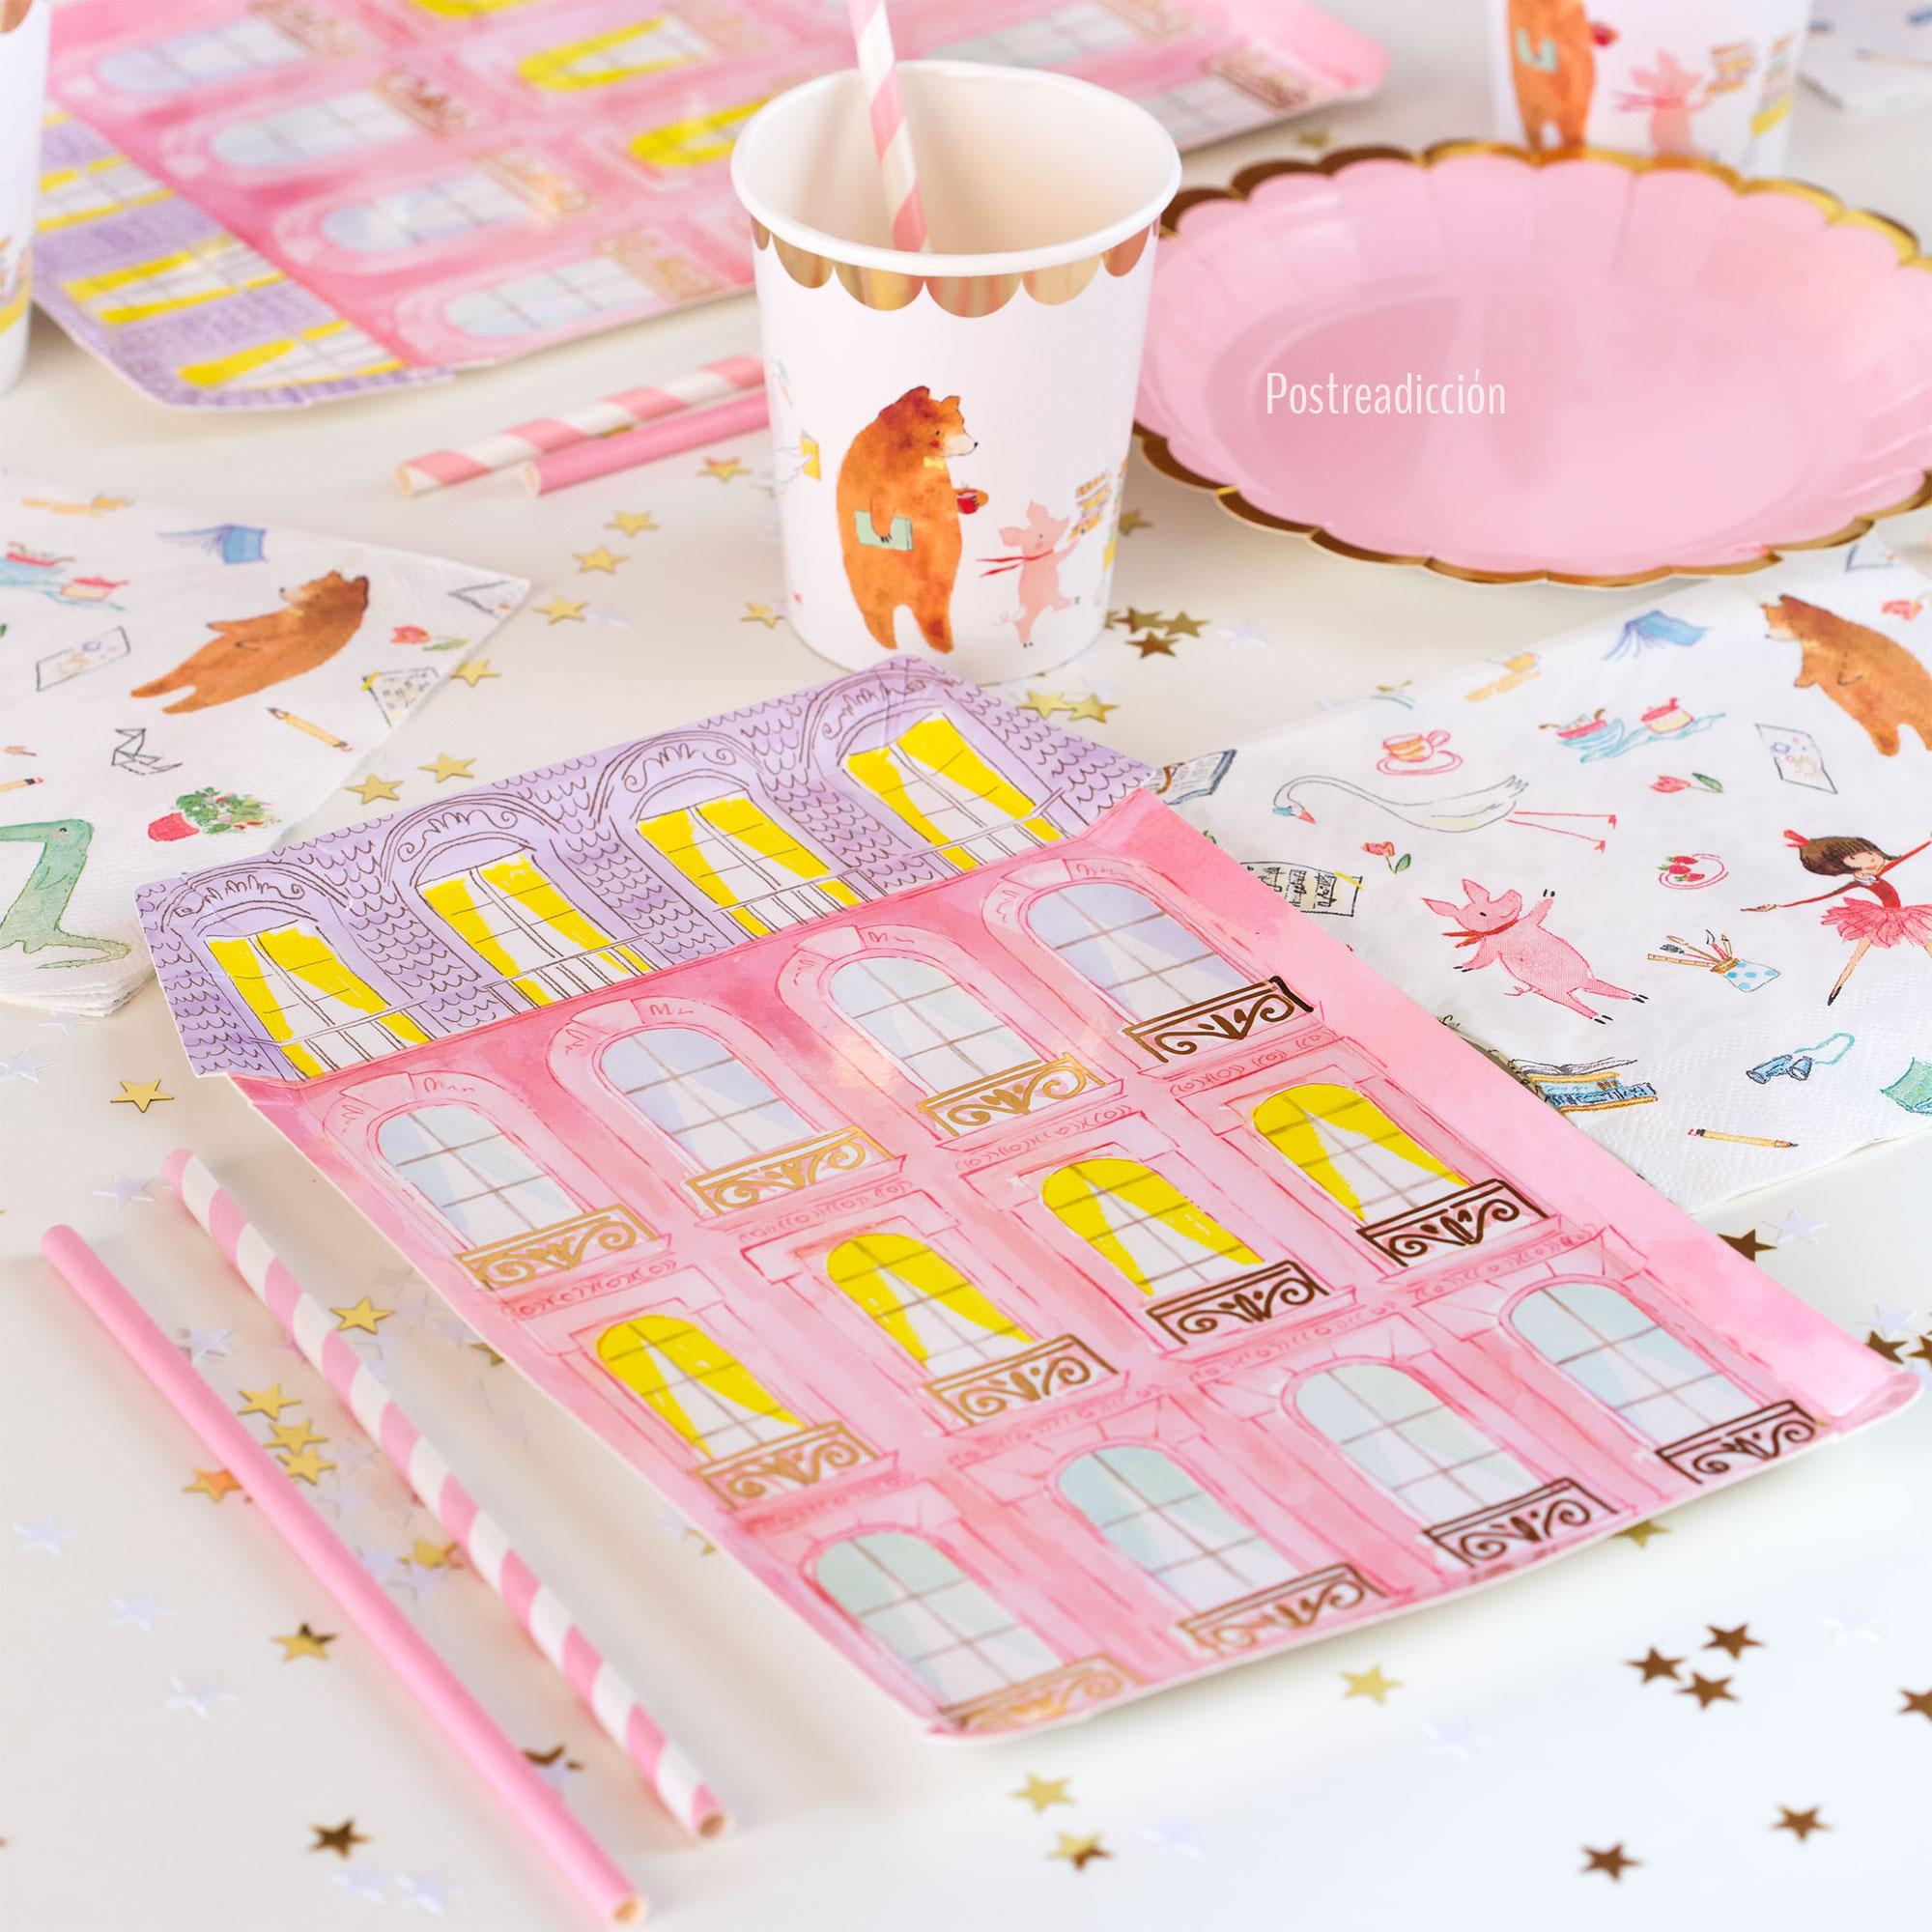 Imagen de producto: https://tienda.postreadiccion.com/img/articulos/secundarias13322-8-platos-de-lola-dutch-con-foil-6.jpg